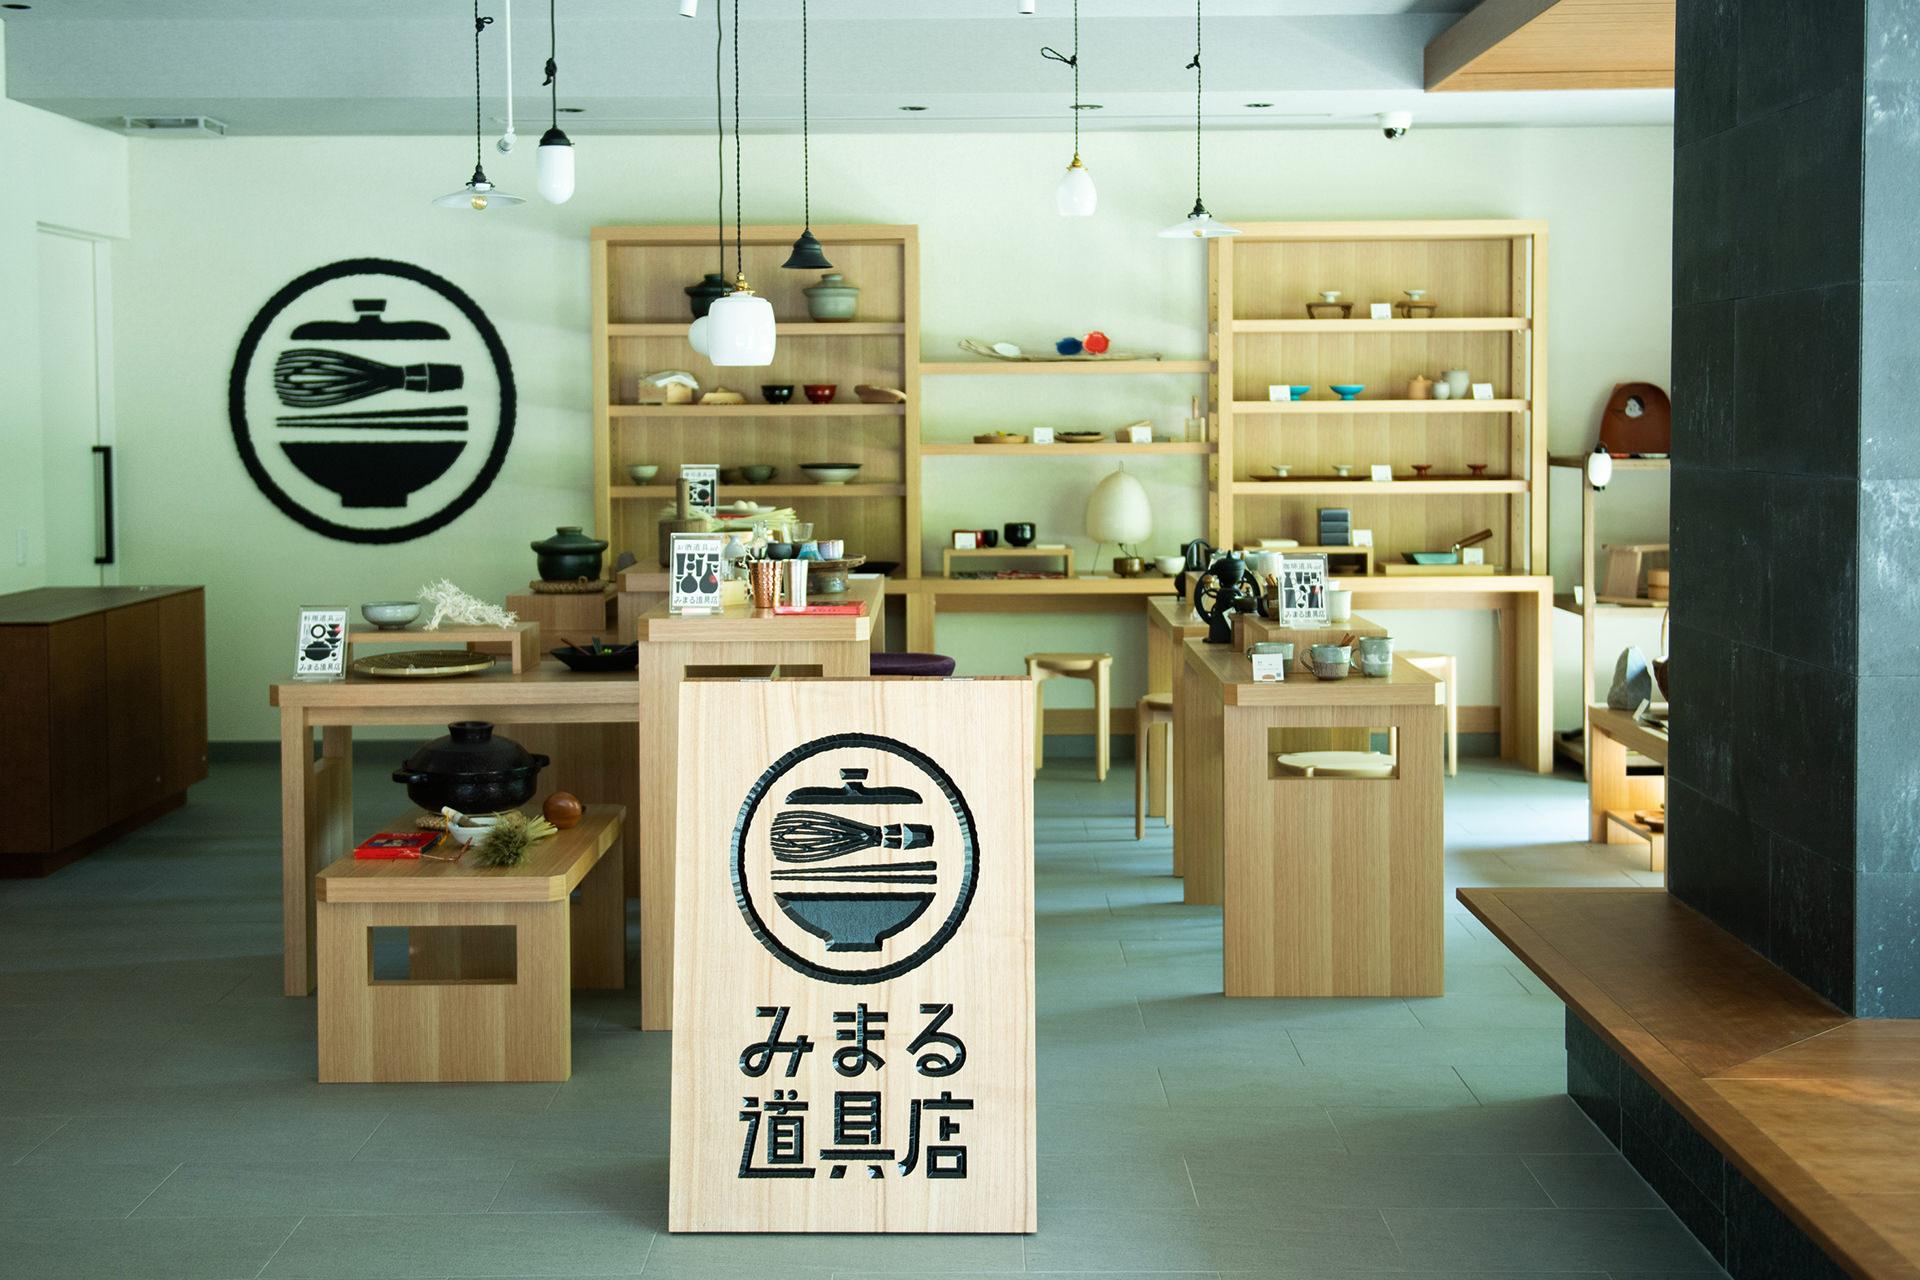 みまる道具店1